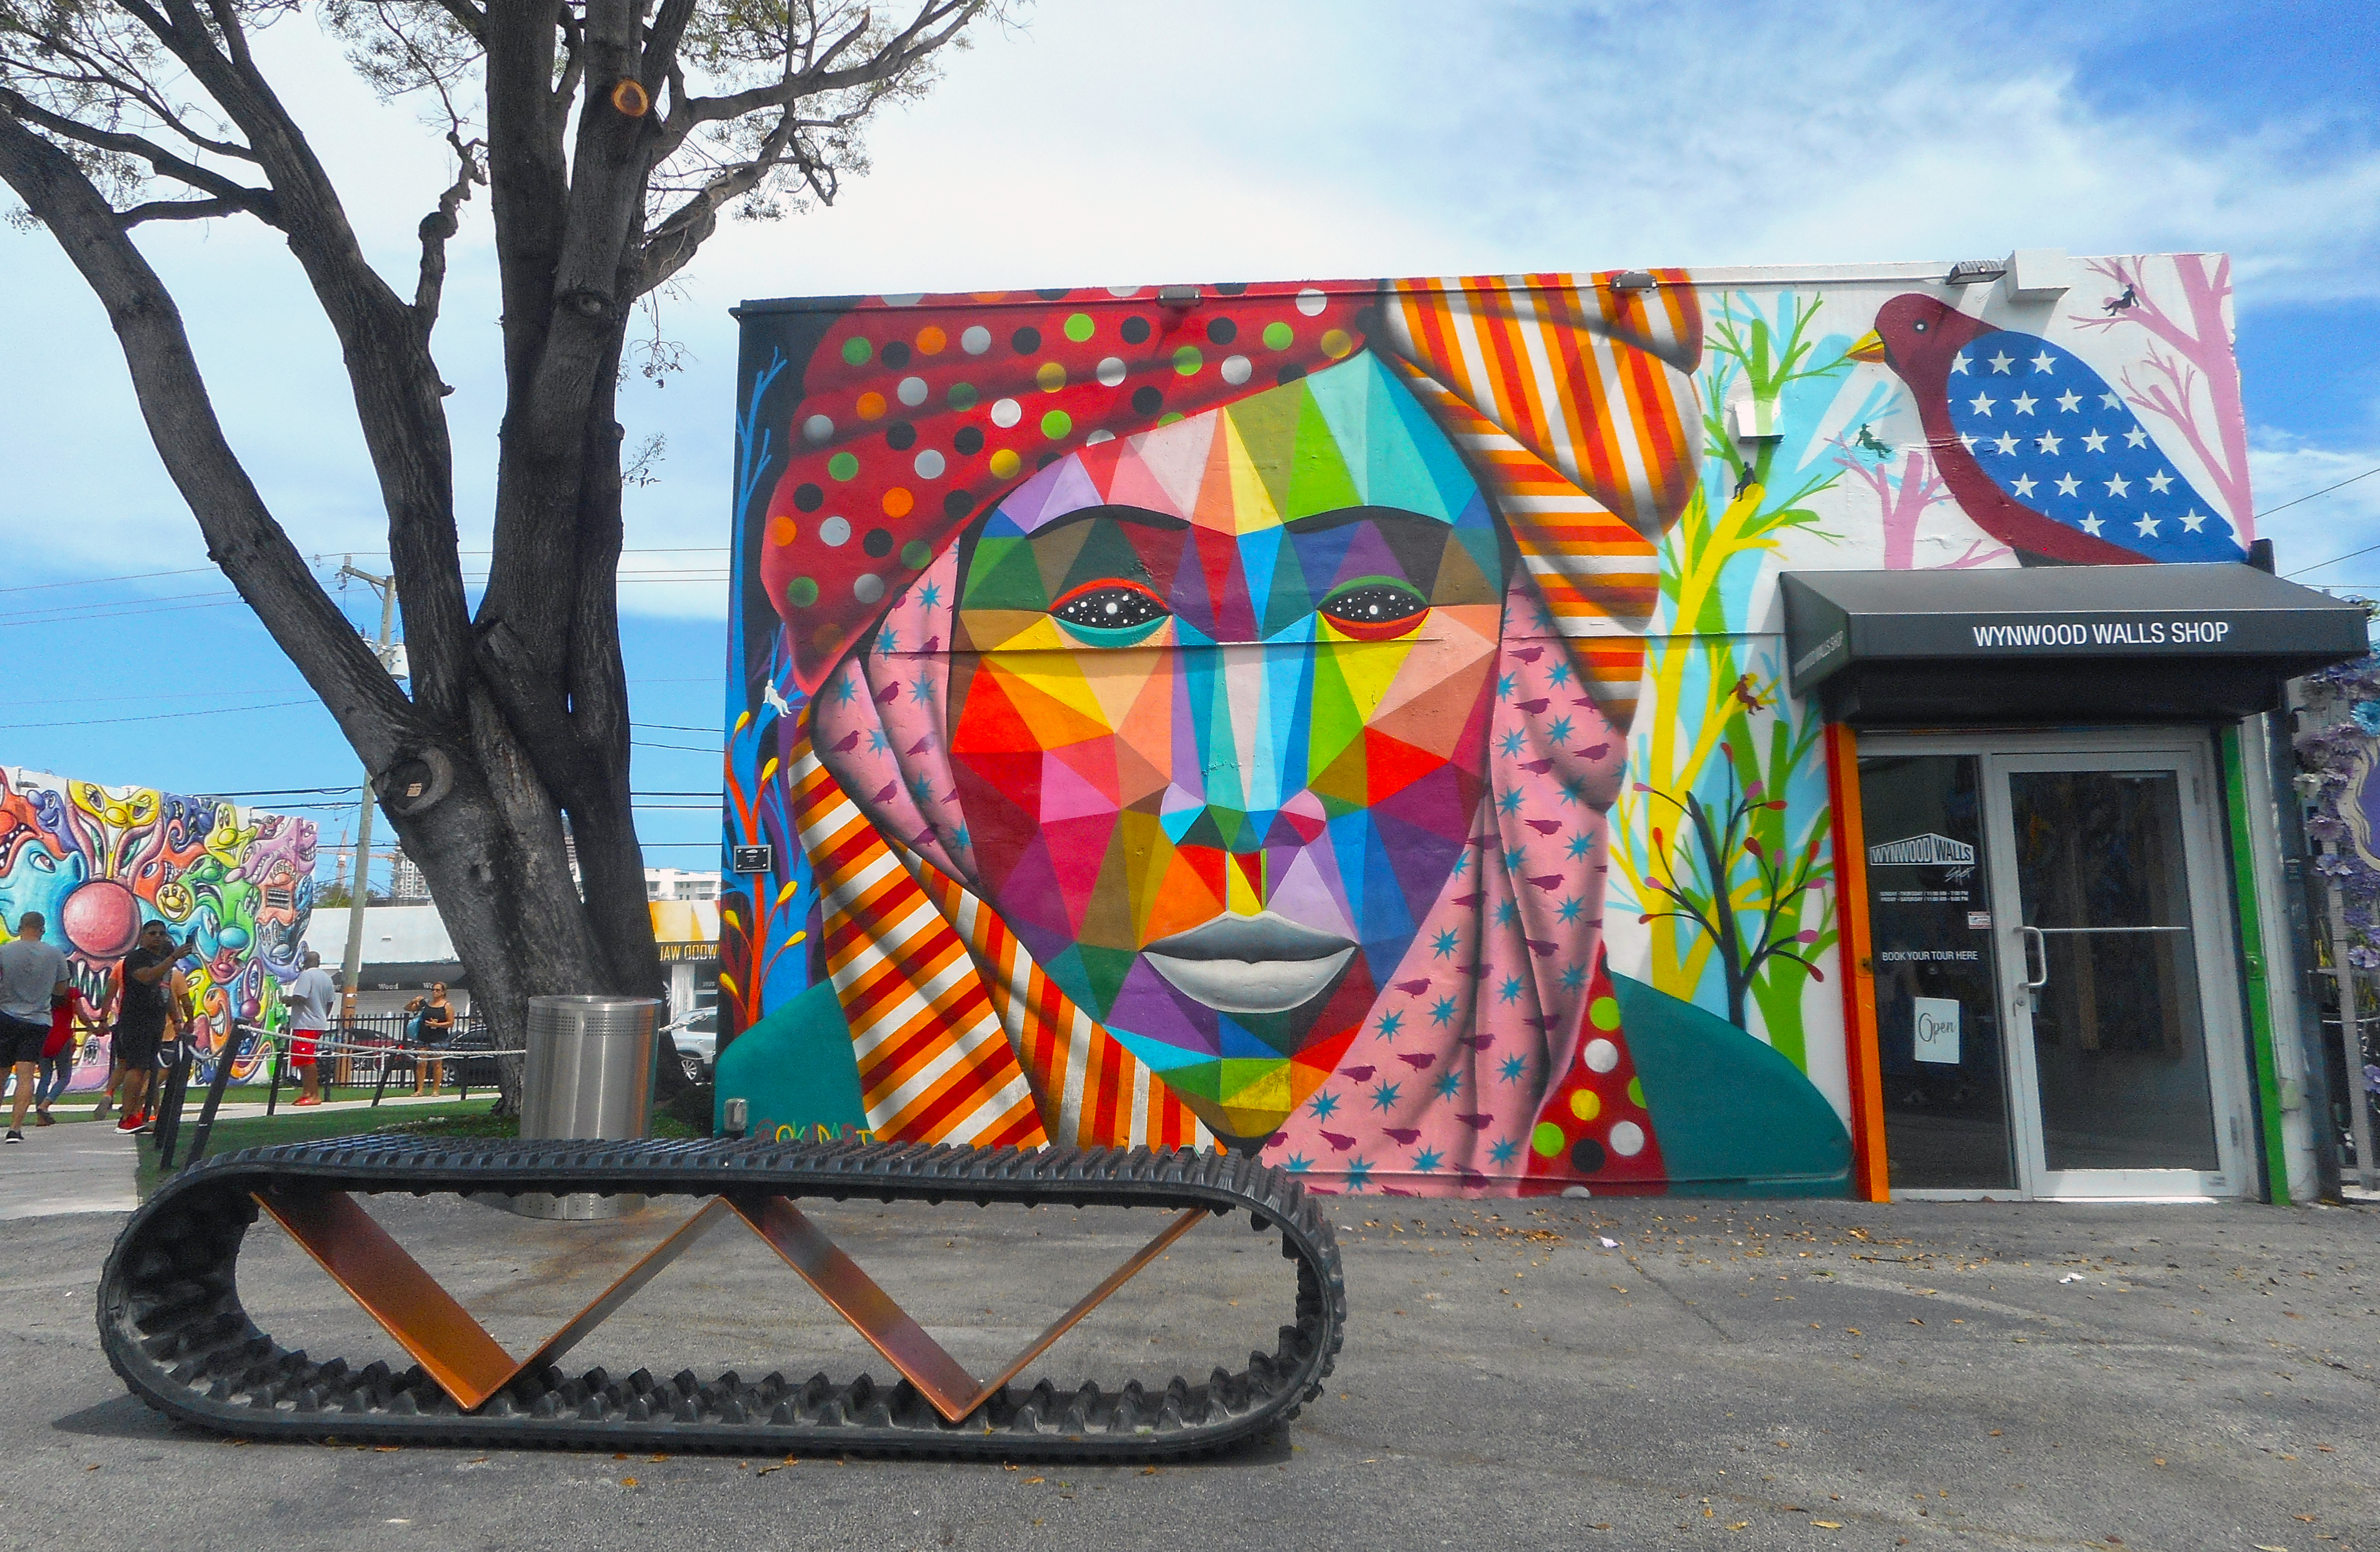 Miami - Wynwood Arts District - Wynwood Walls 12.jpg